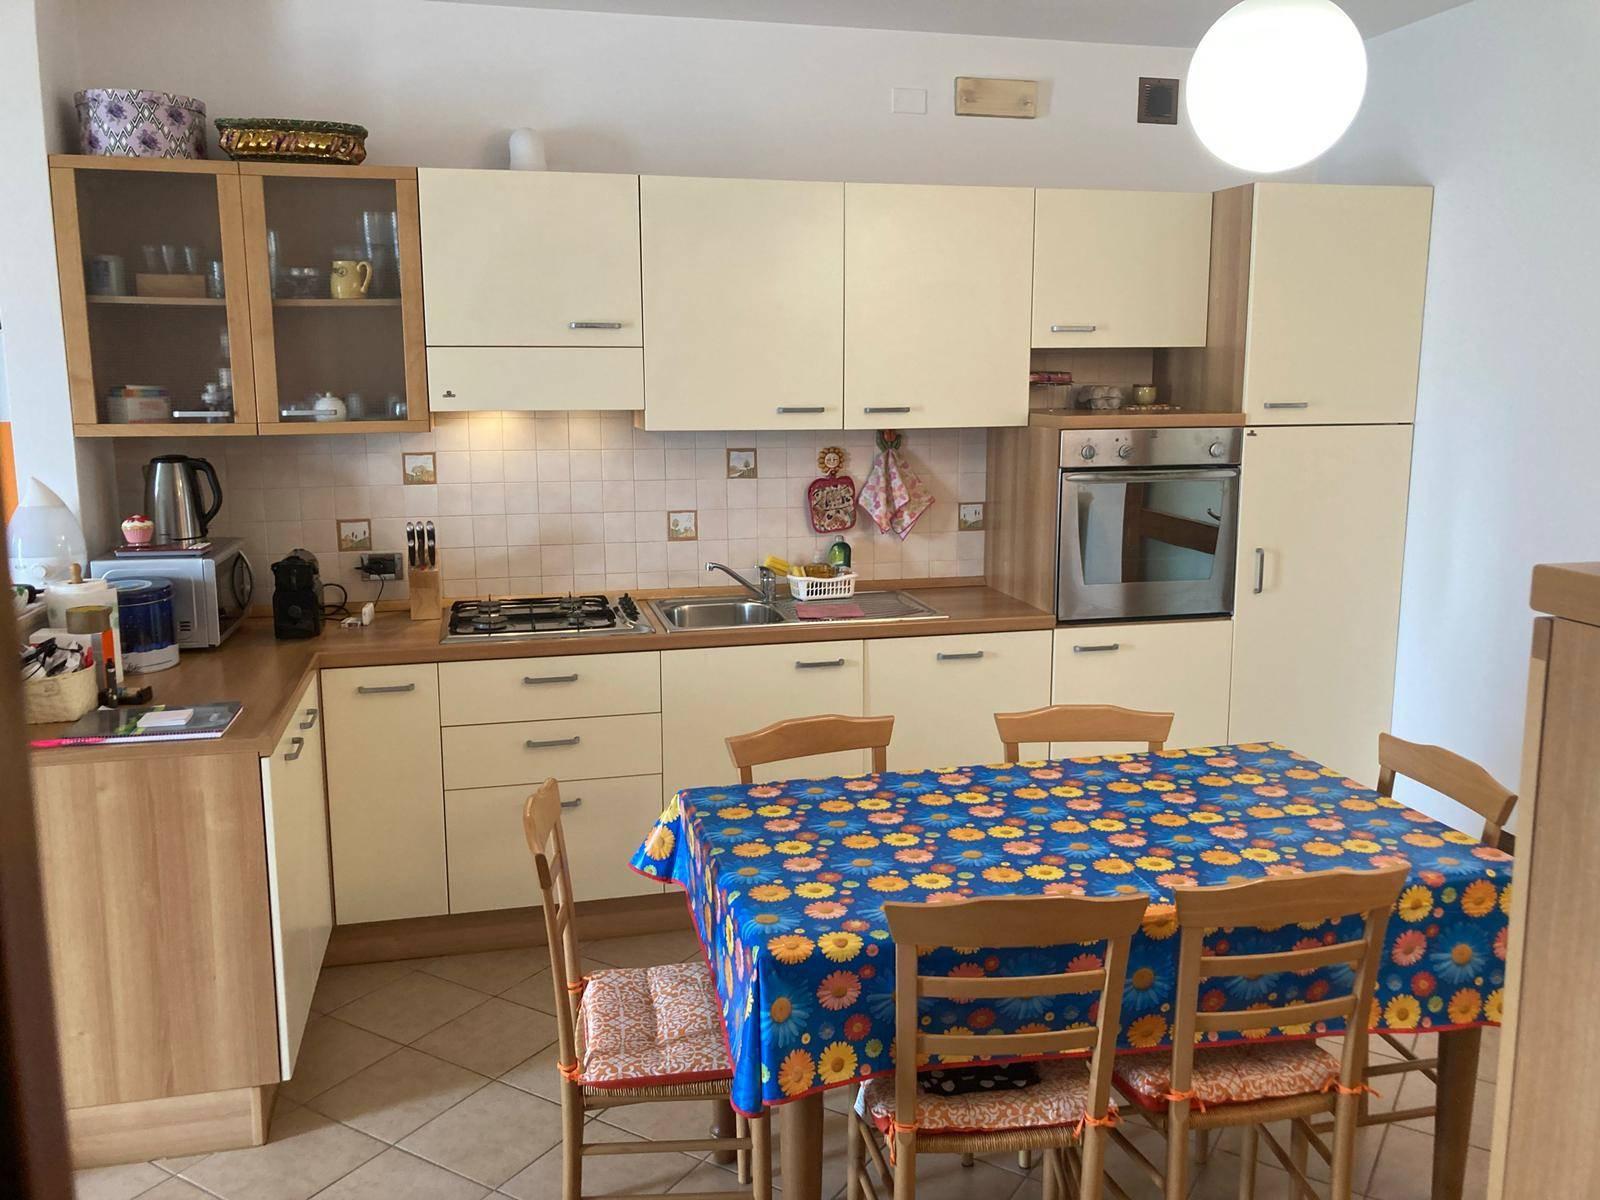 Villa Bifamiliare in vendita a Granze, 6 locali, prezzo € 149.000 | CambioCasa.it